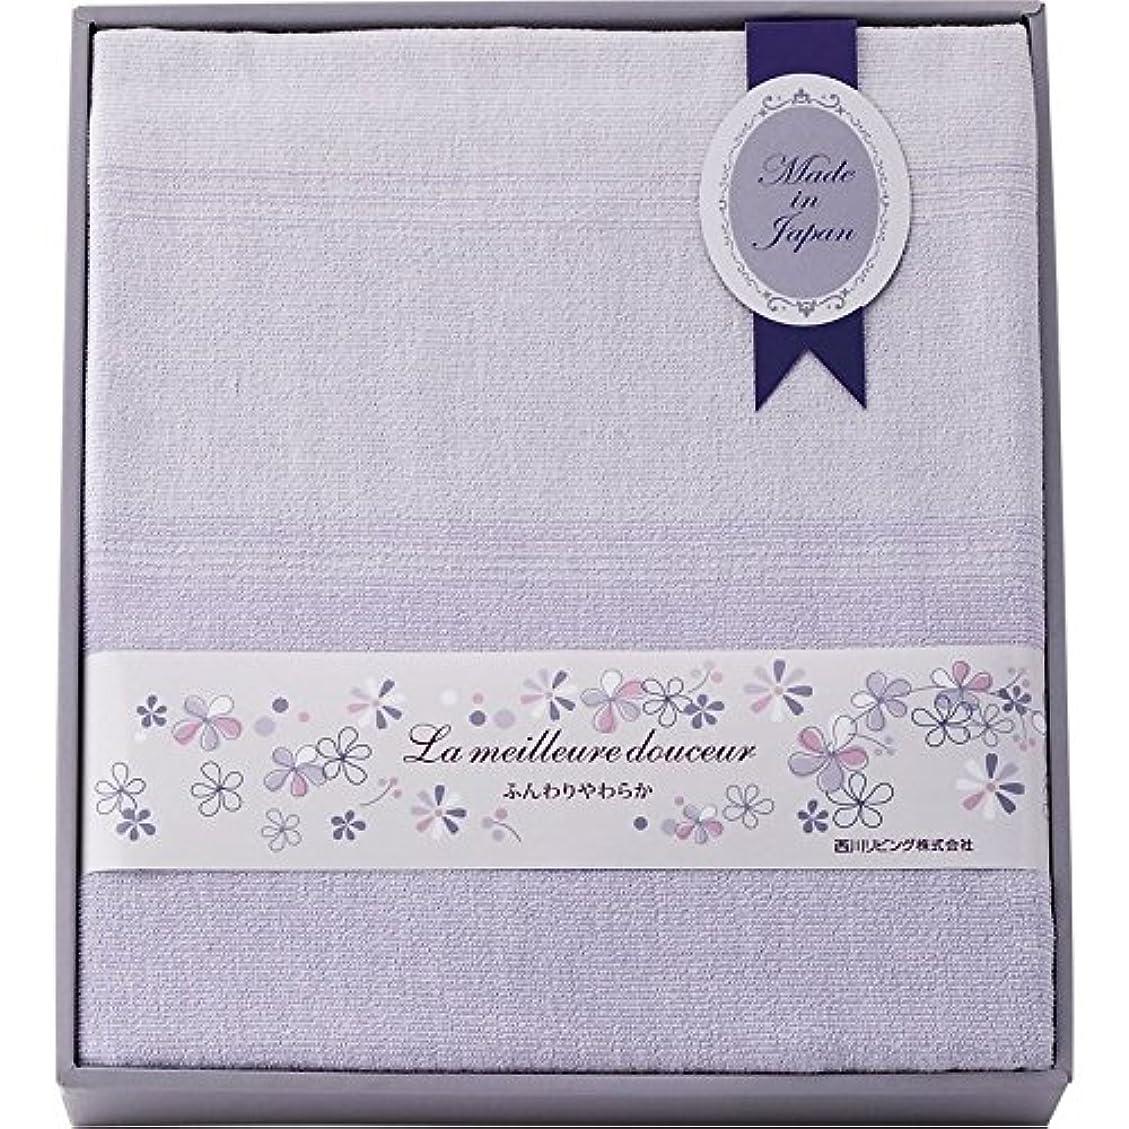 シャンプー巻き取り影のある西川リビング 日本製タオルシーツ 2241-00008